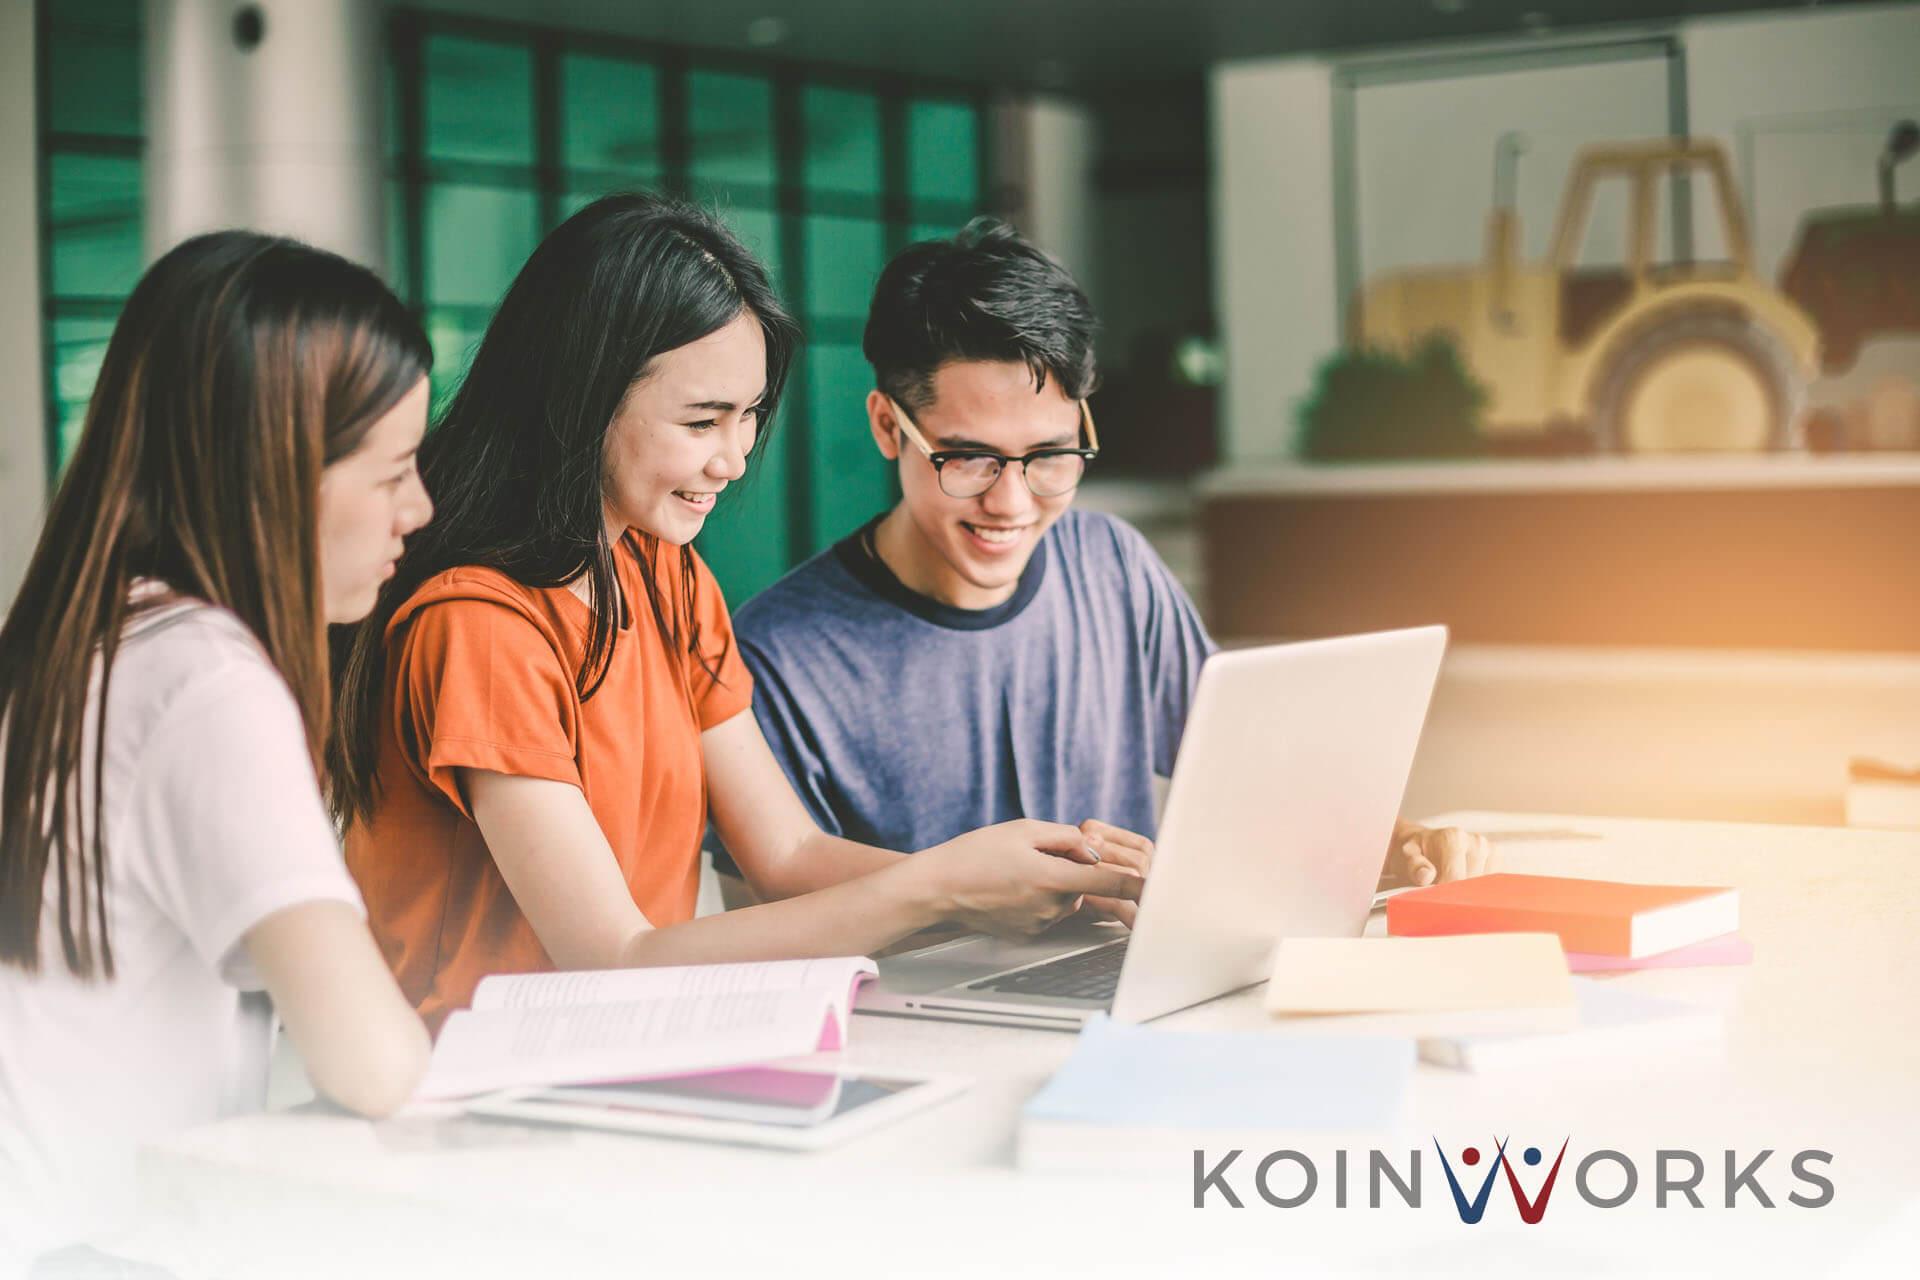 Lakukan 4 Hal Ini Ketika Menempuh Perguruan Tinggi - Belajar dan Mengasah Diri Lebih Cepat dengan Menerapkan 4 Kiat Berikut